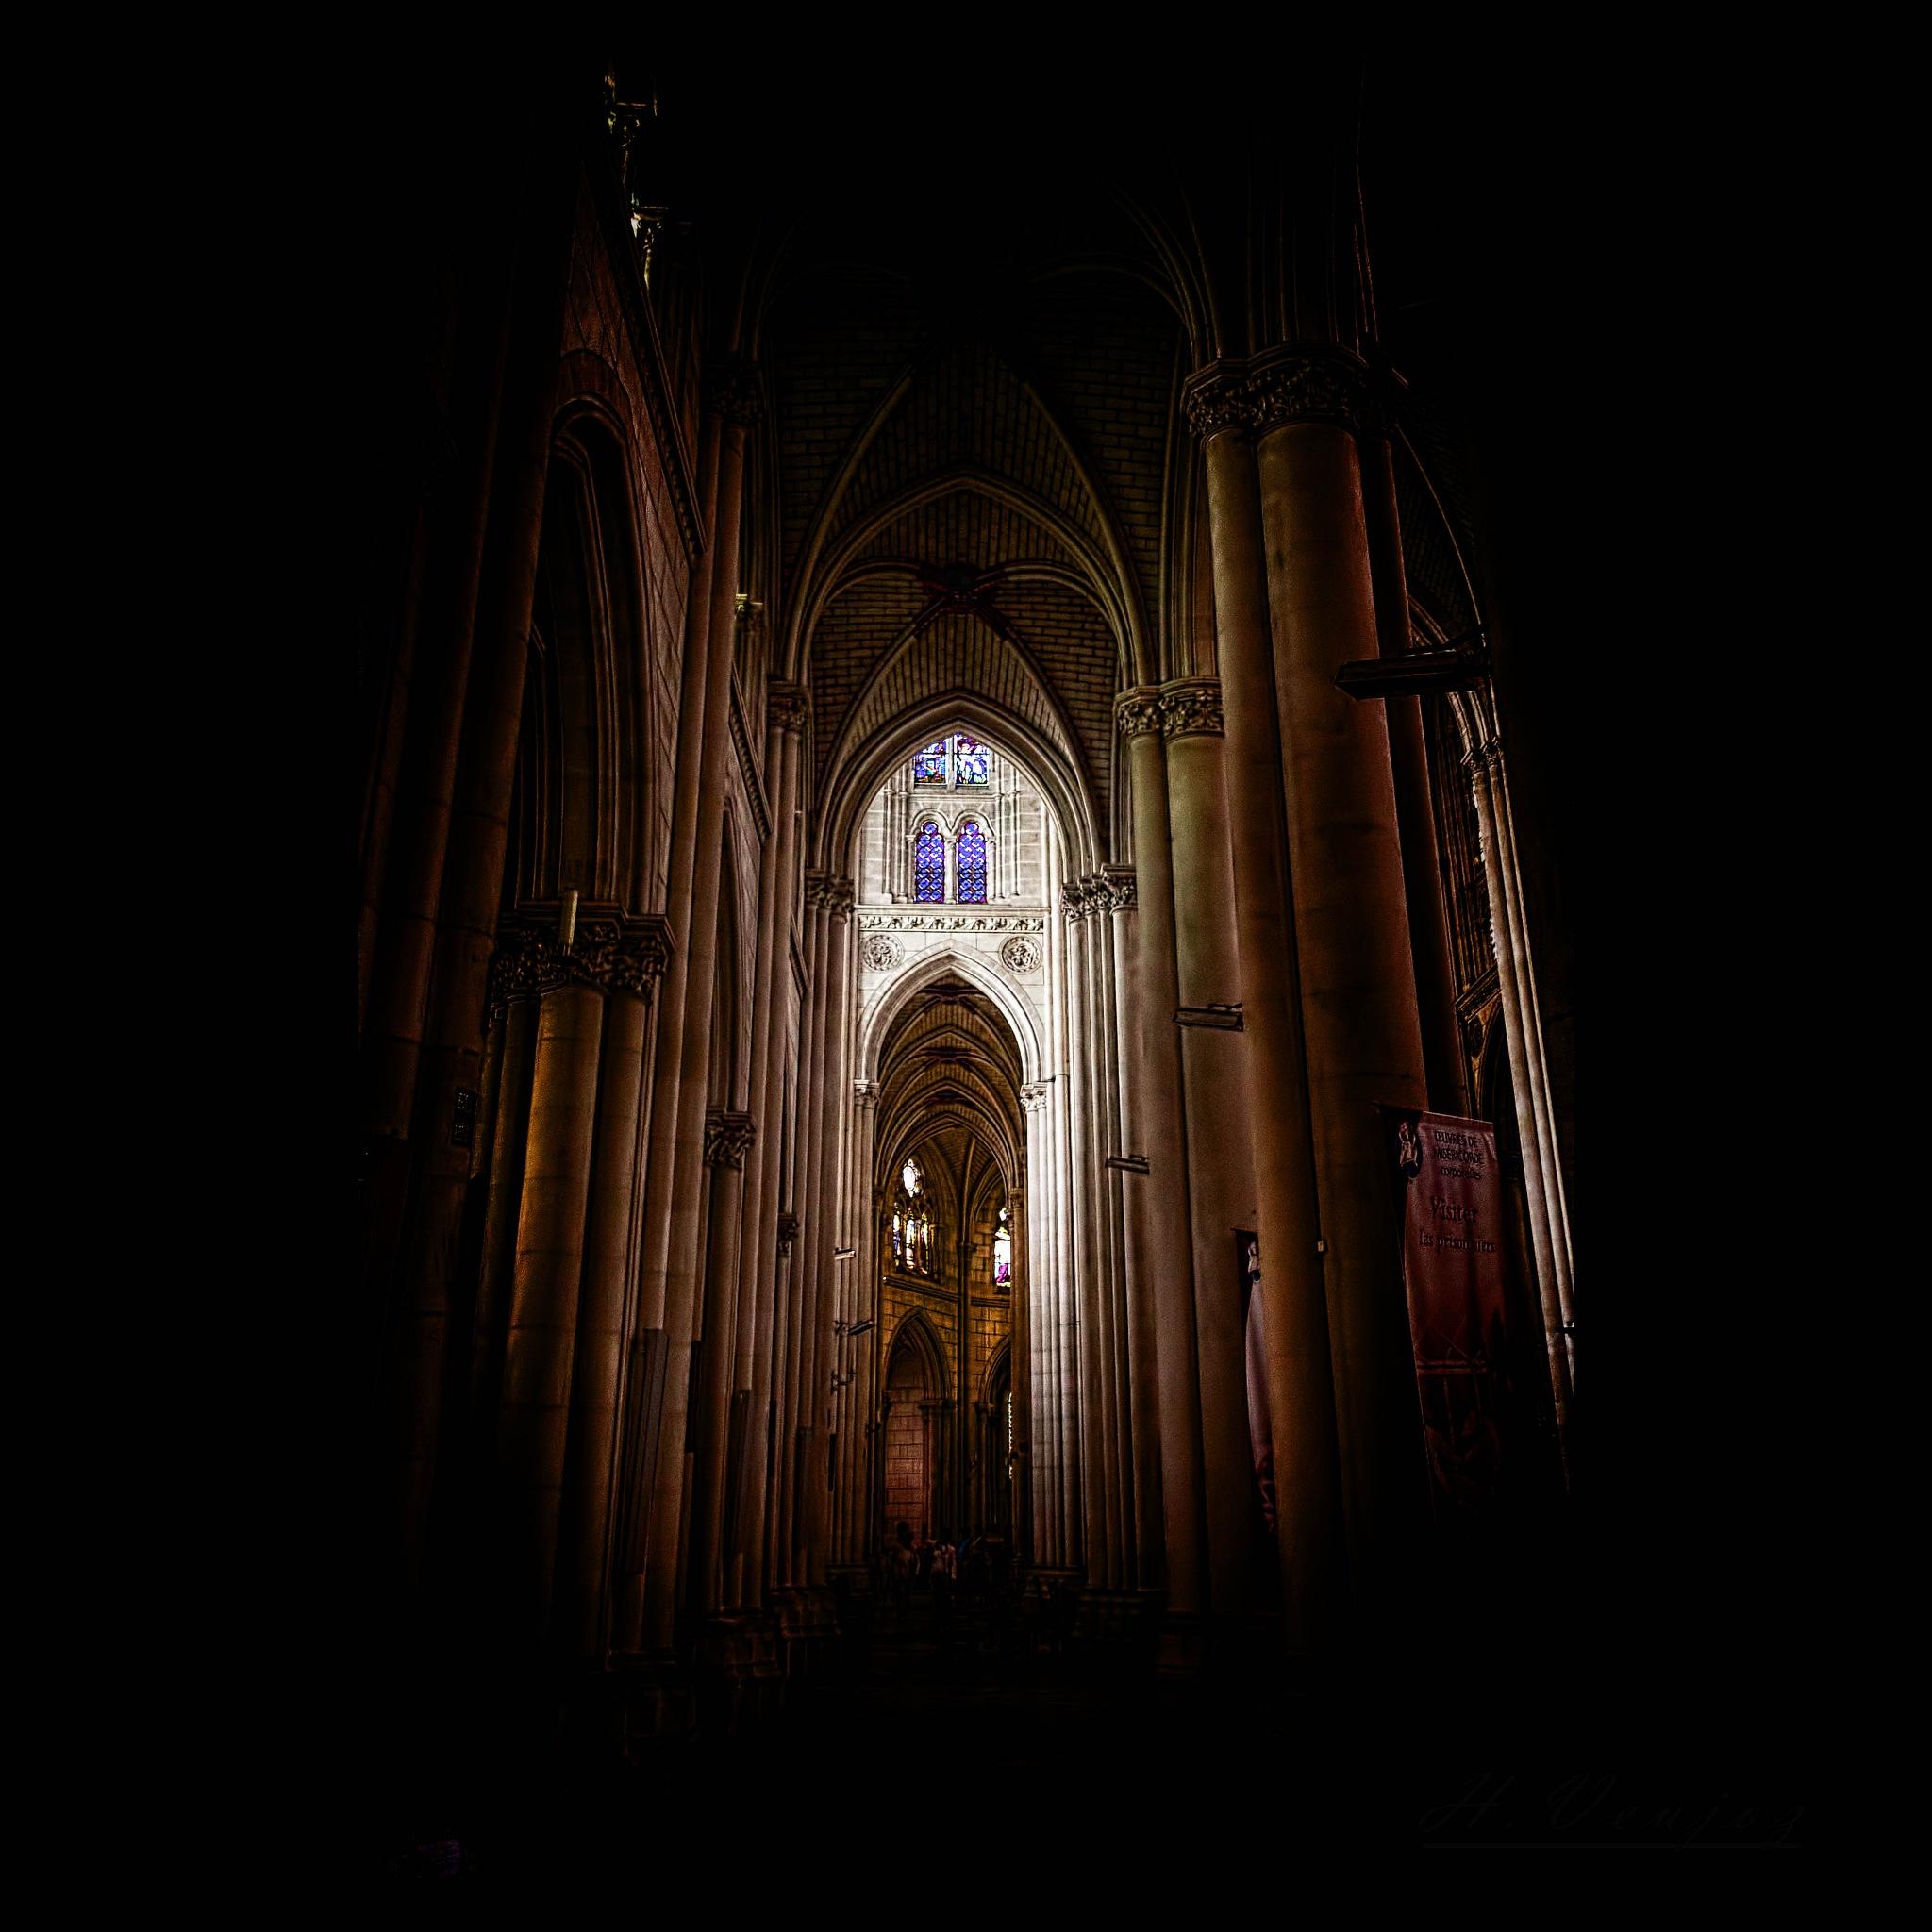 Basilique-Notre-Dame-de-Montligeon8 by hubert61